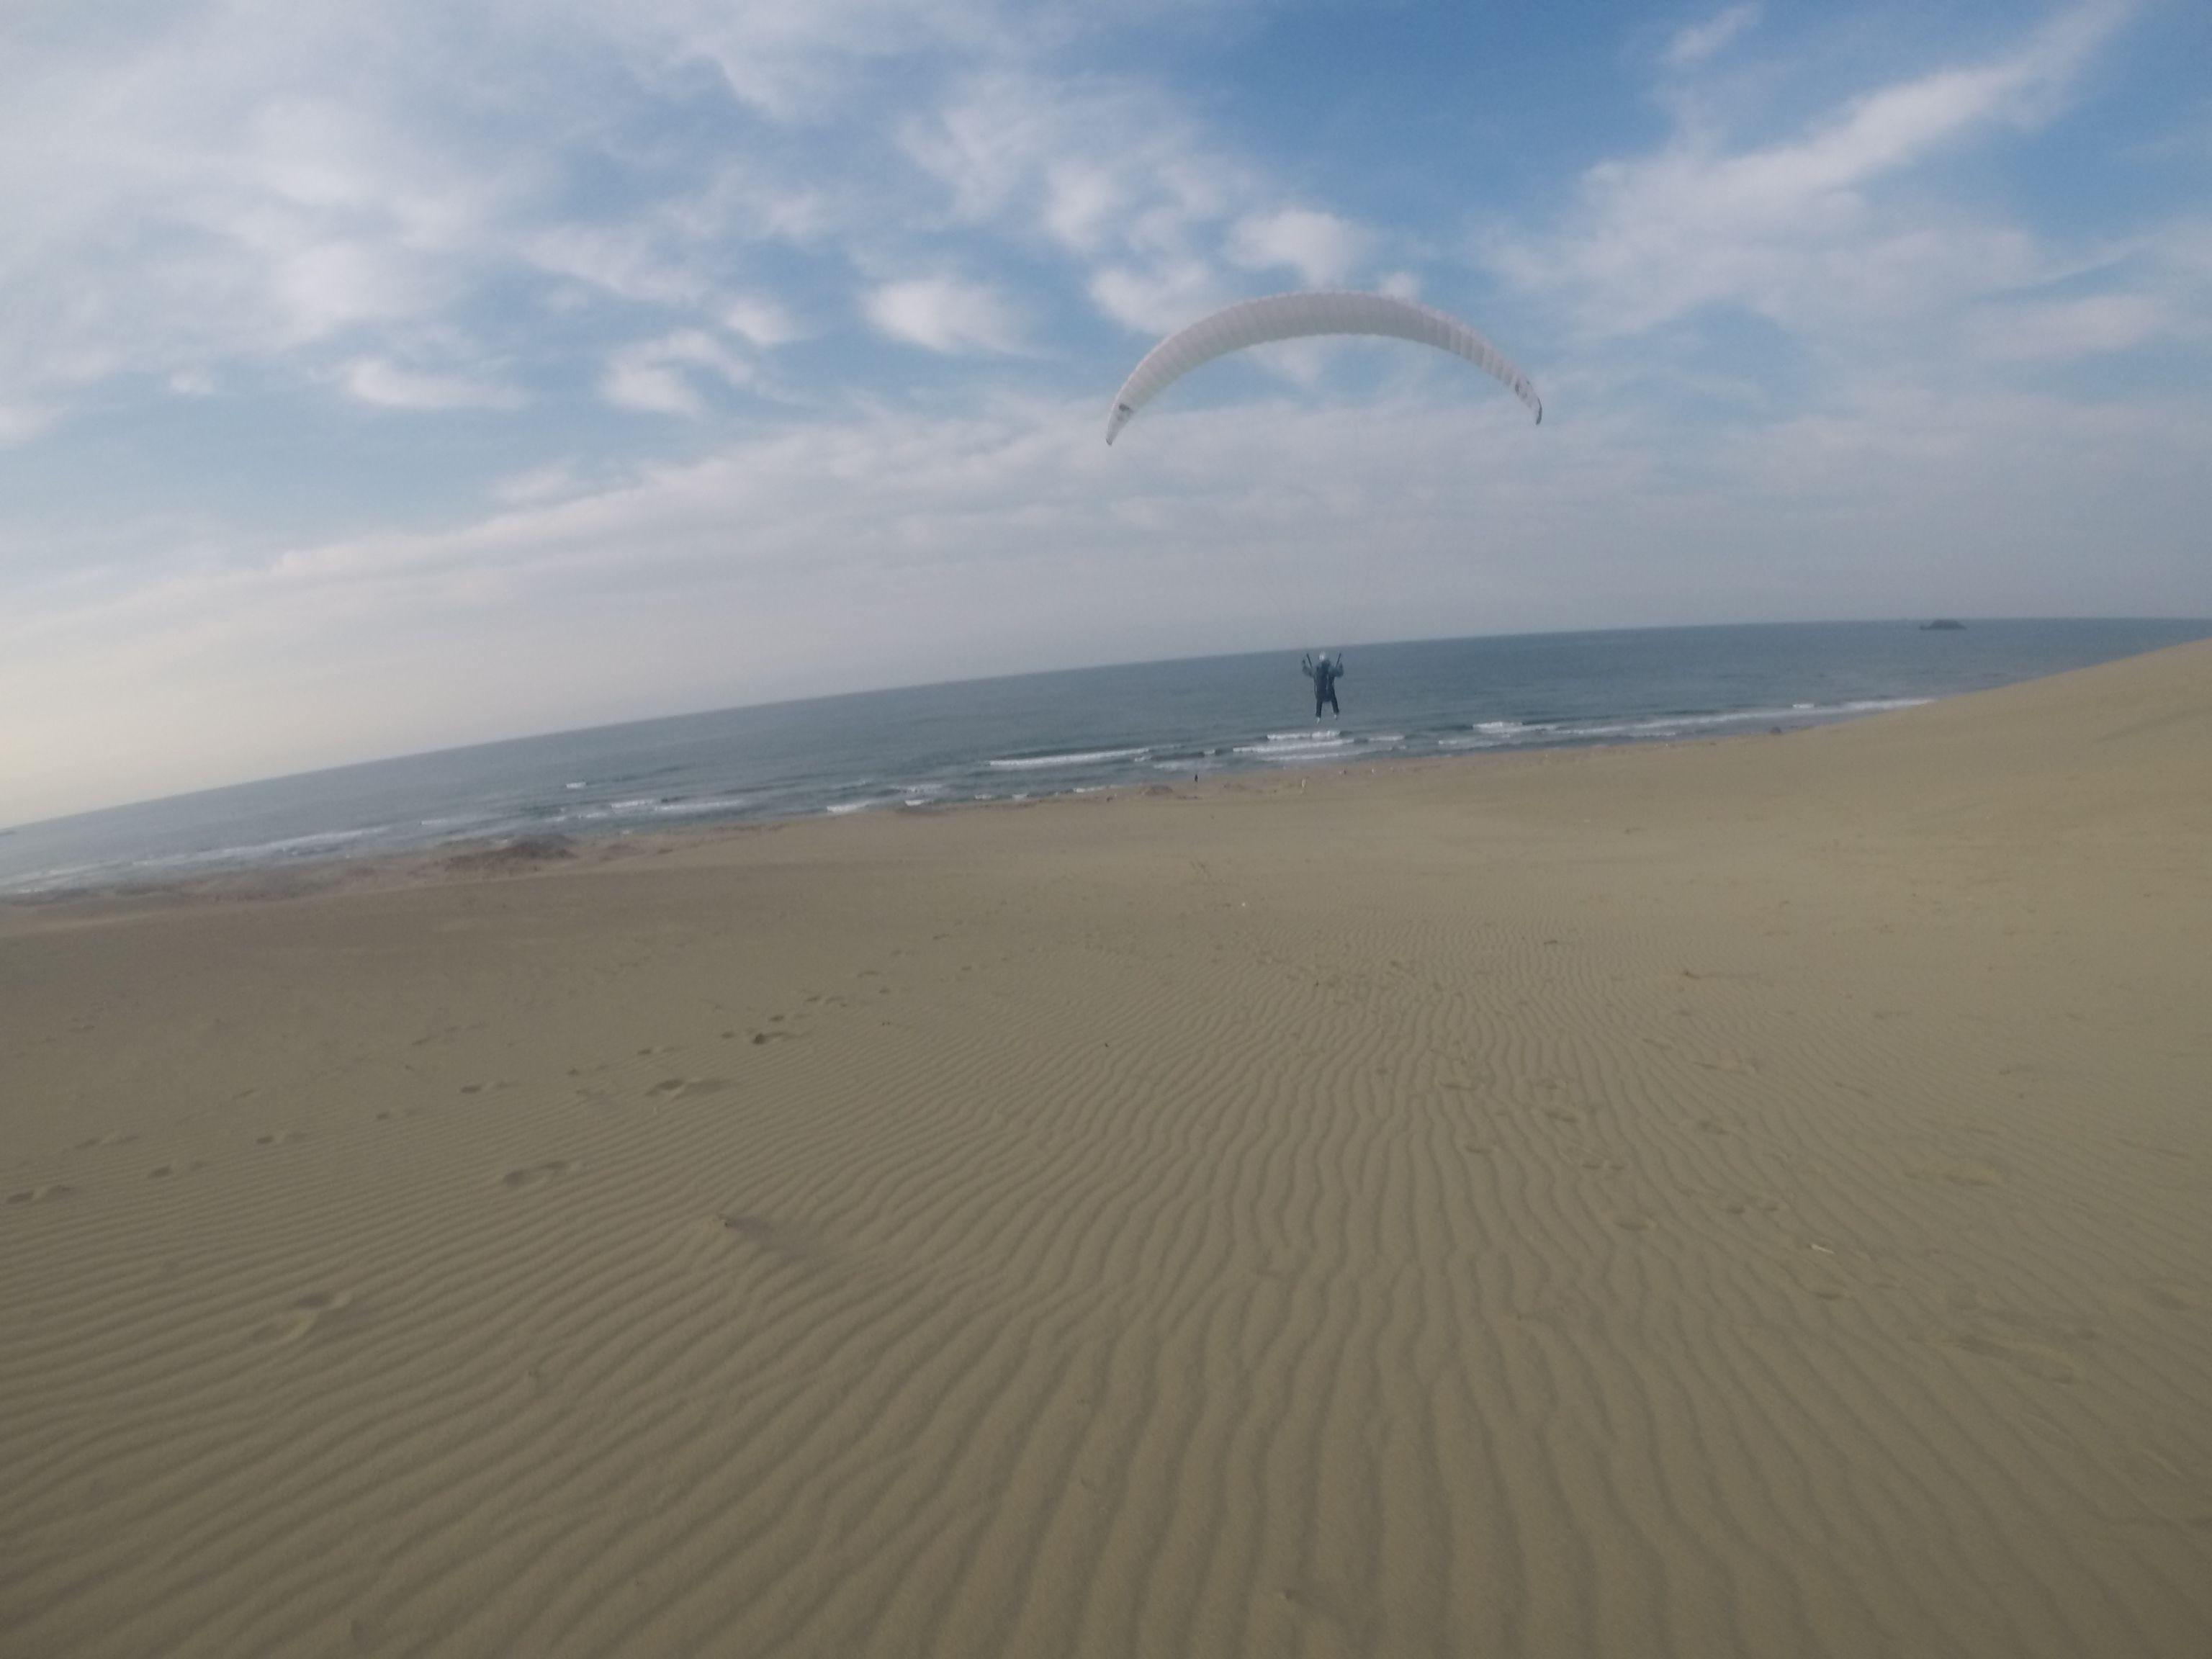 風紋を飛び越えながら、爽快に空へ